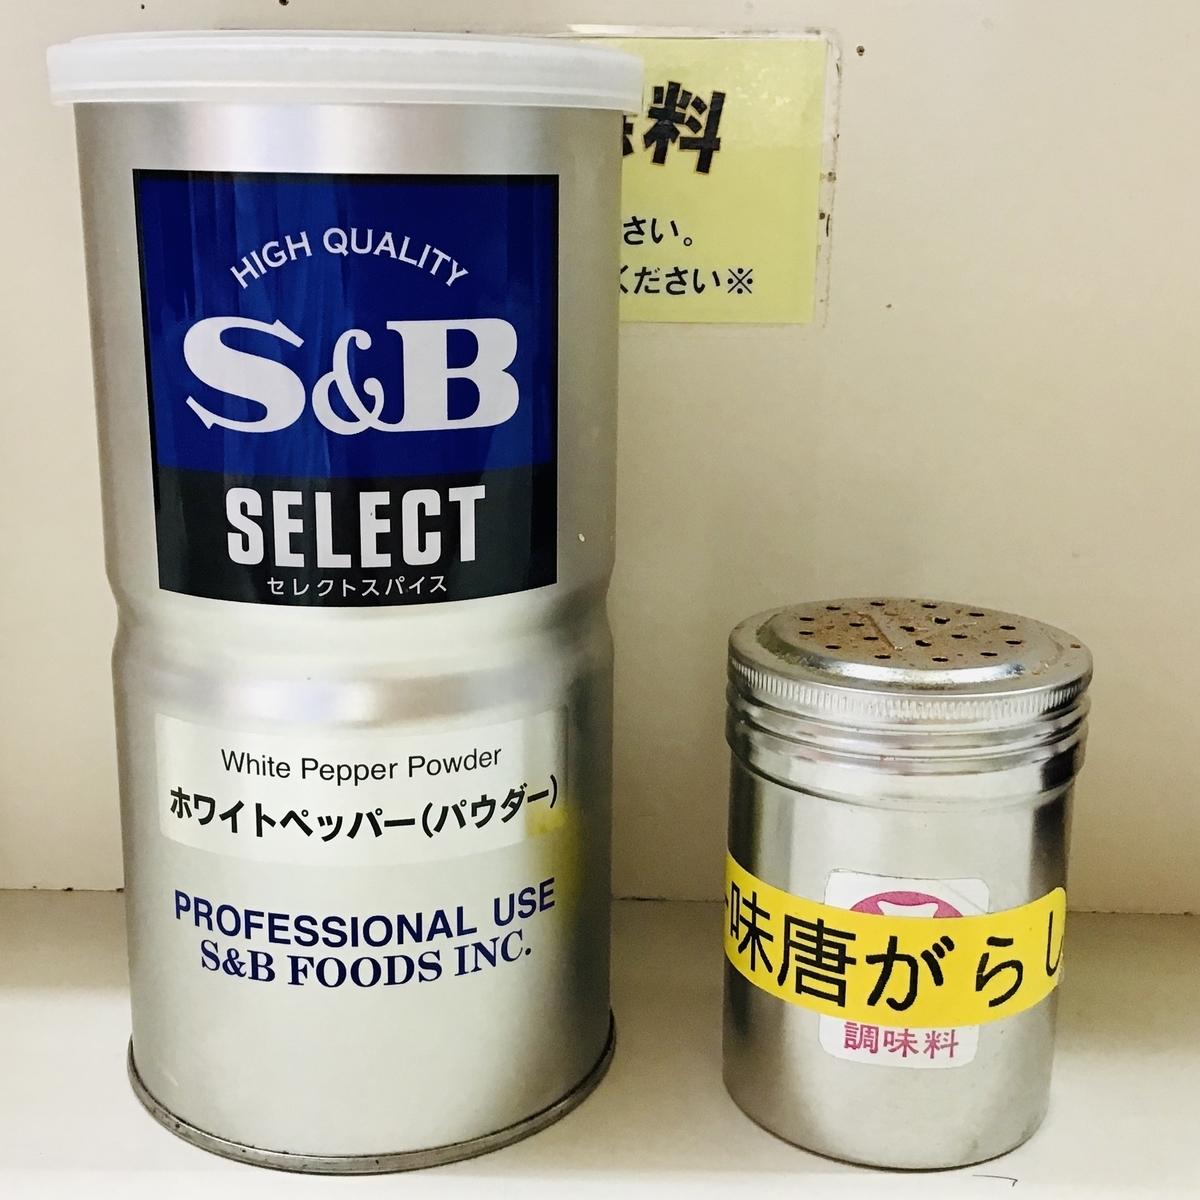 f:id:yumeusagiyukiusagi:20200730162533j:plain